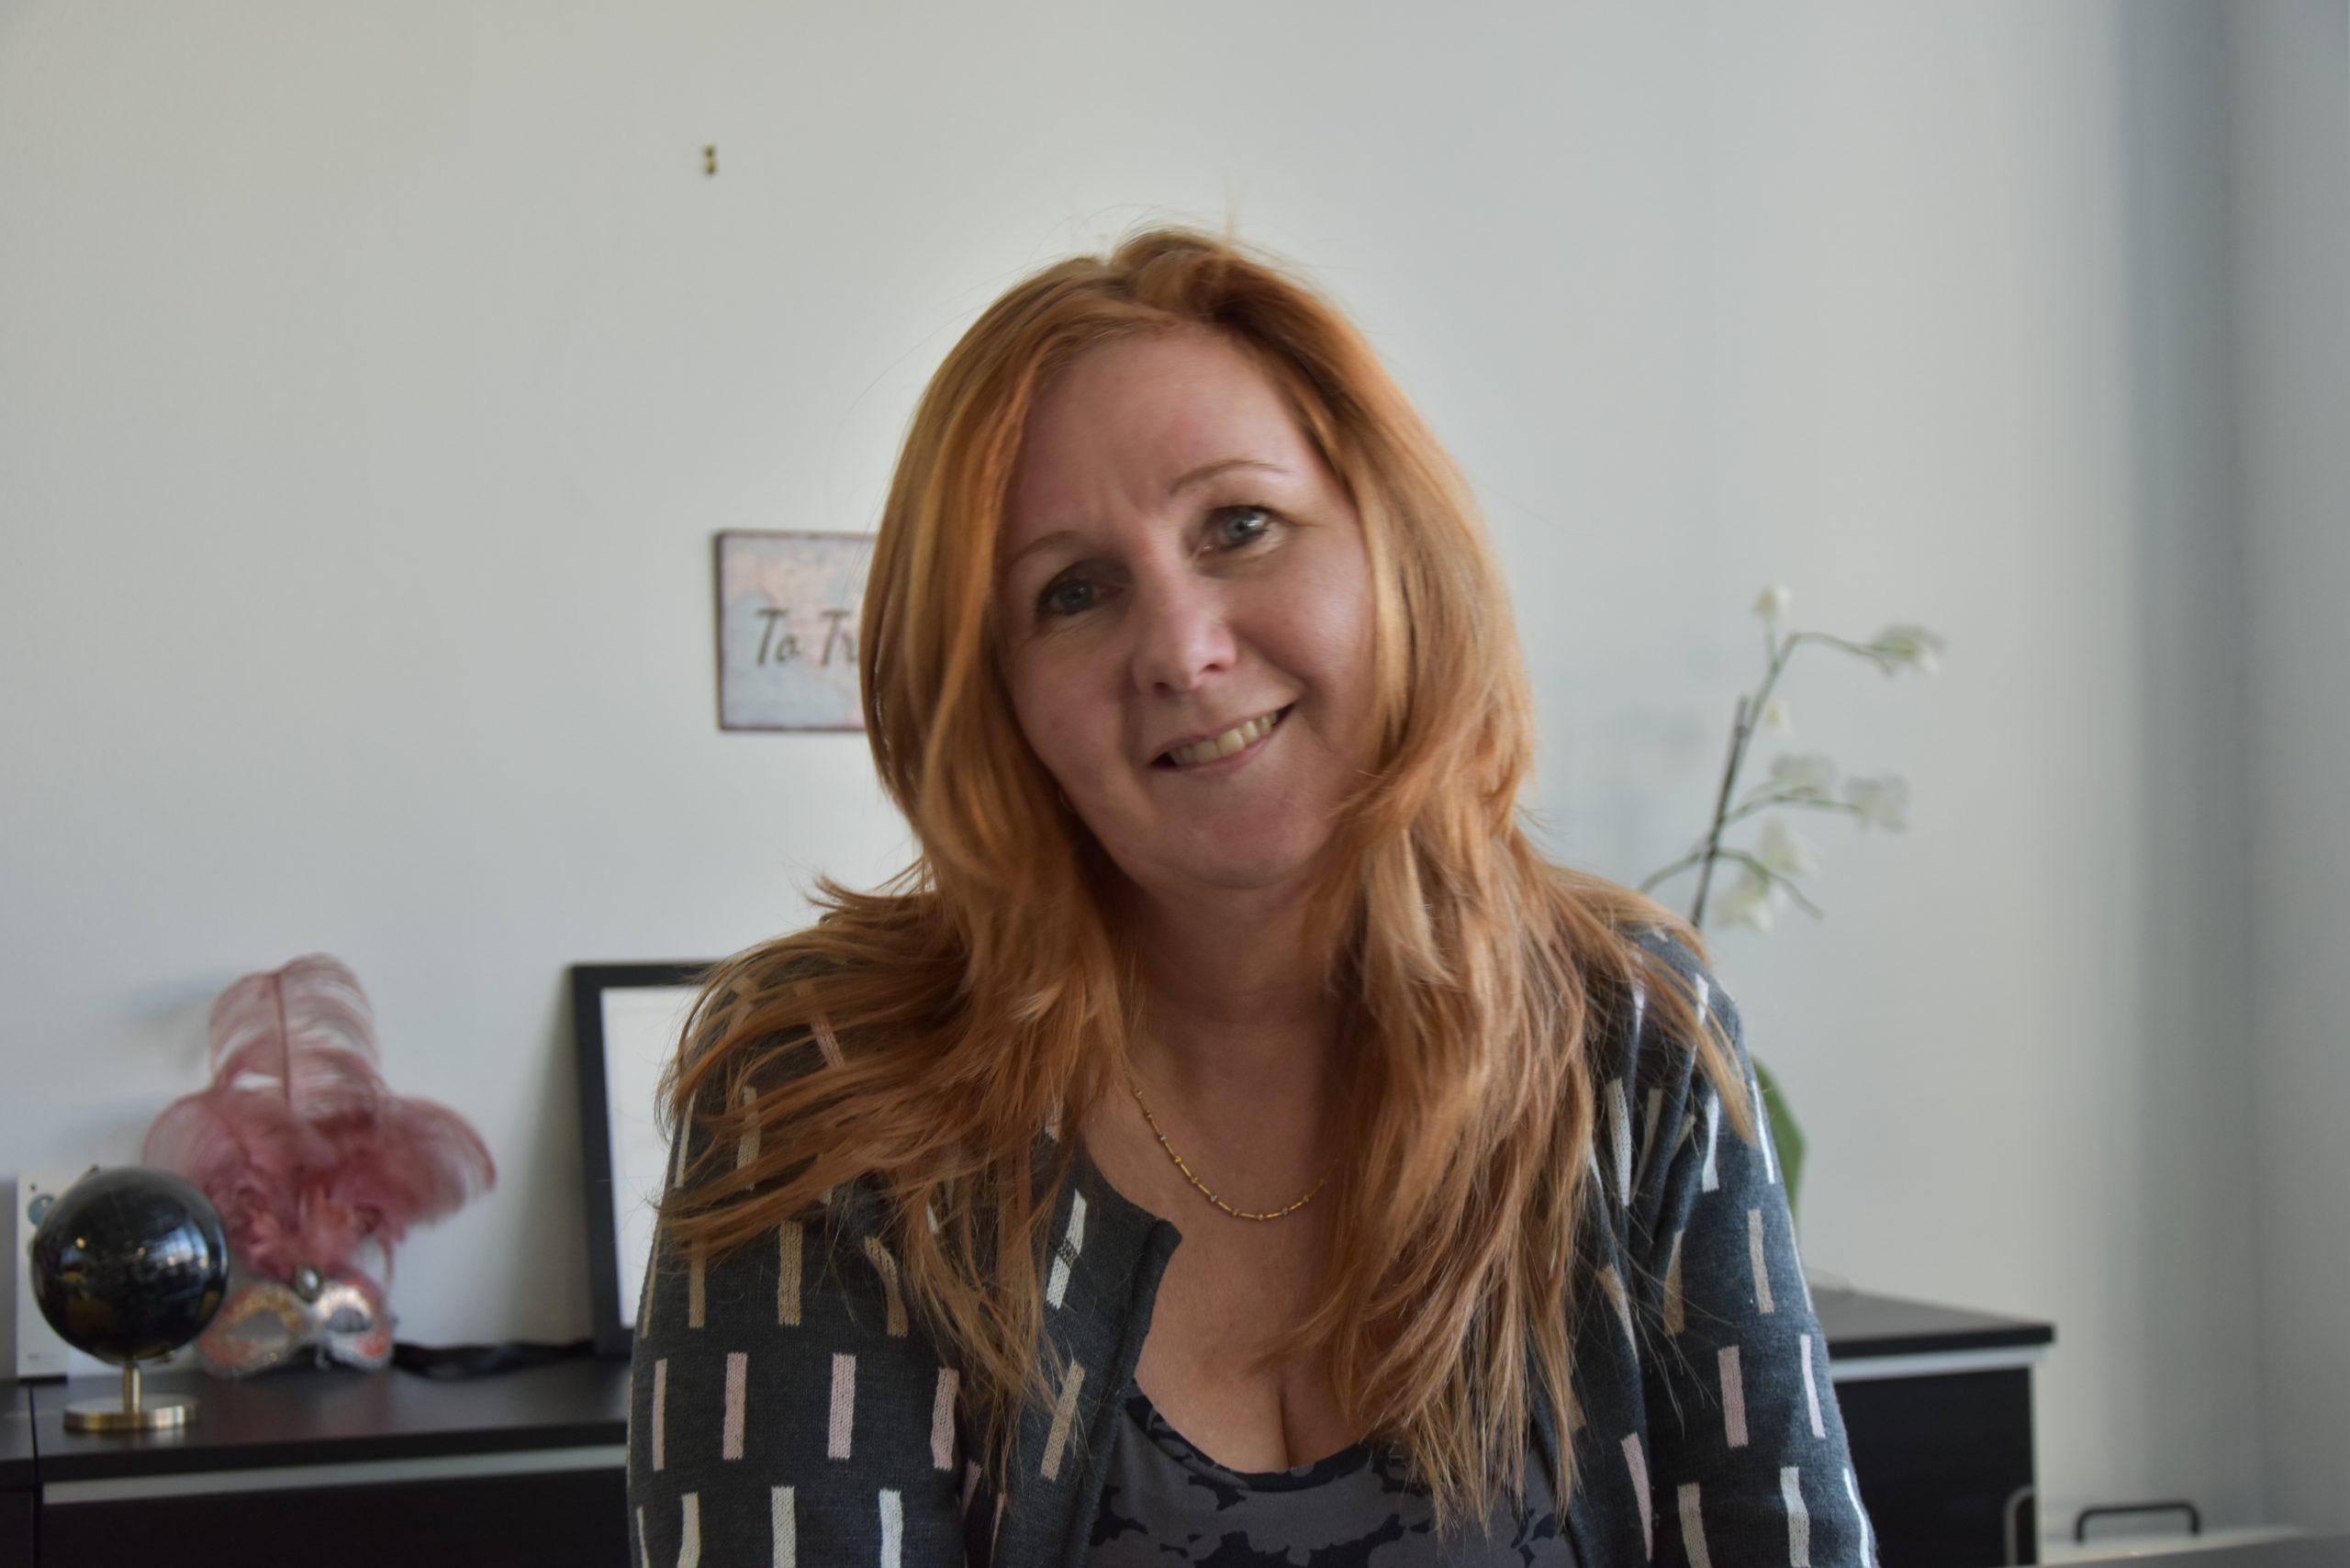 Birte Buchwald på sit nu mennesketomme hovedkontor i det norditalienske, hvorfra hun driver sit store B2B-incomingbureau, der udelukkende arrangerer MICE-ophold i Italien for nordiske rejsebureauer. Privatfoto.